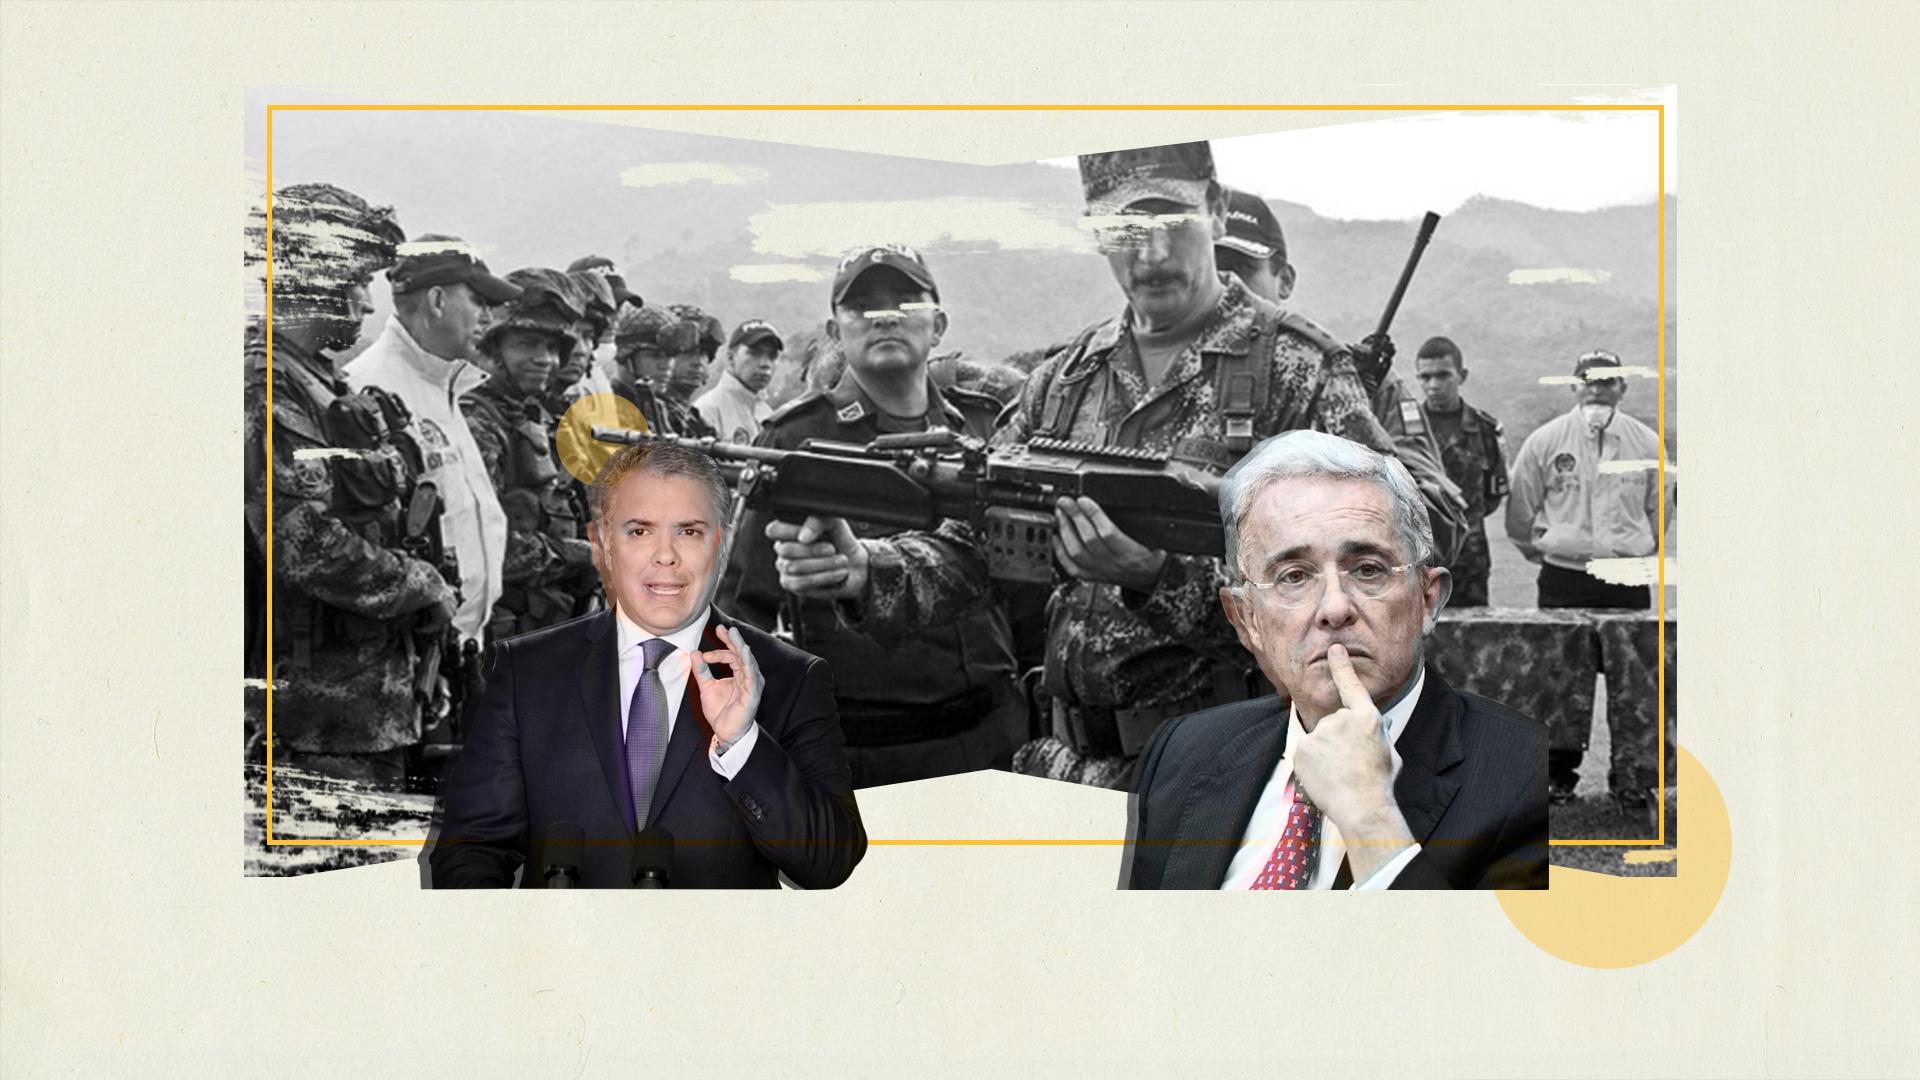 ¿Amnistías para los paras y mano dura para las Farc?: la doble moral del uribismo